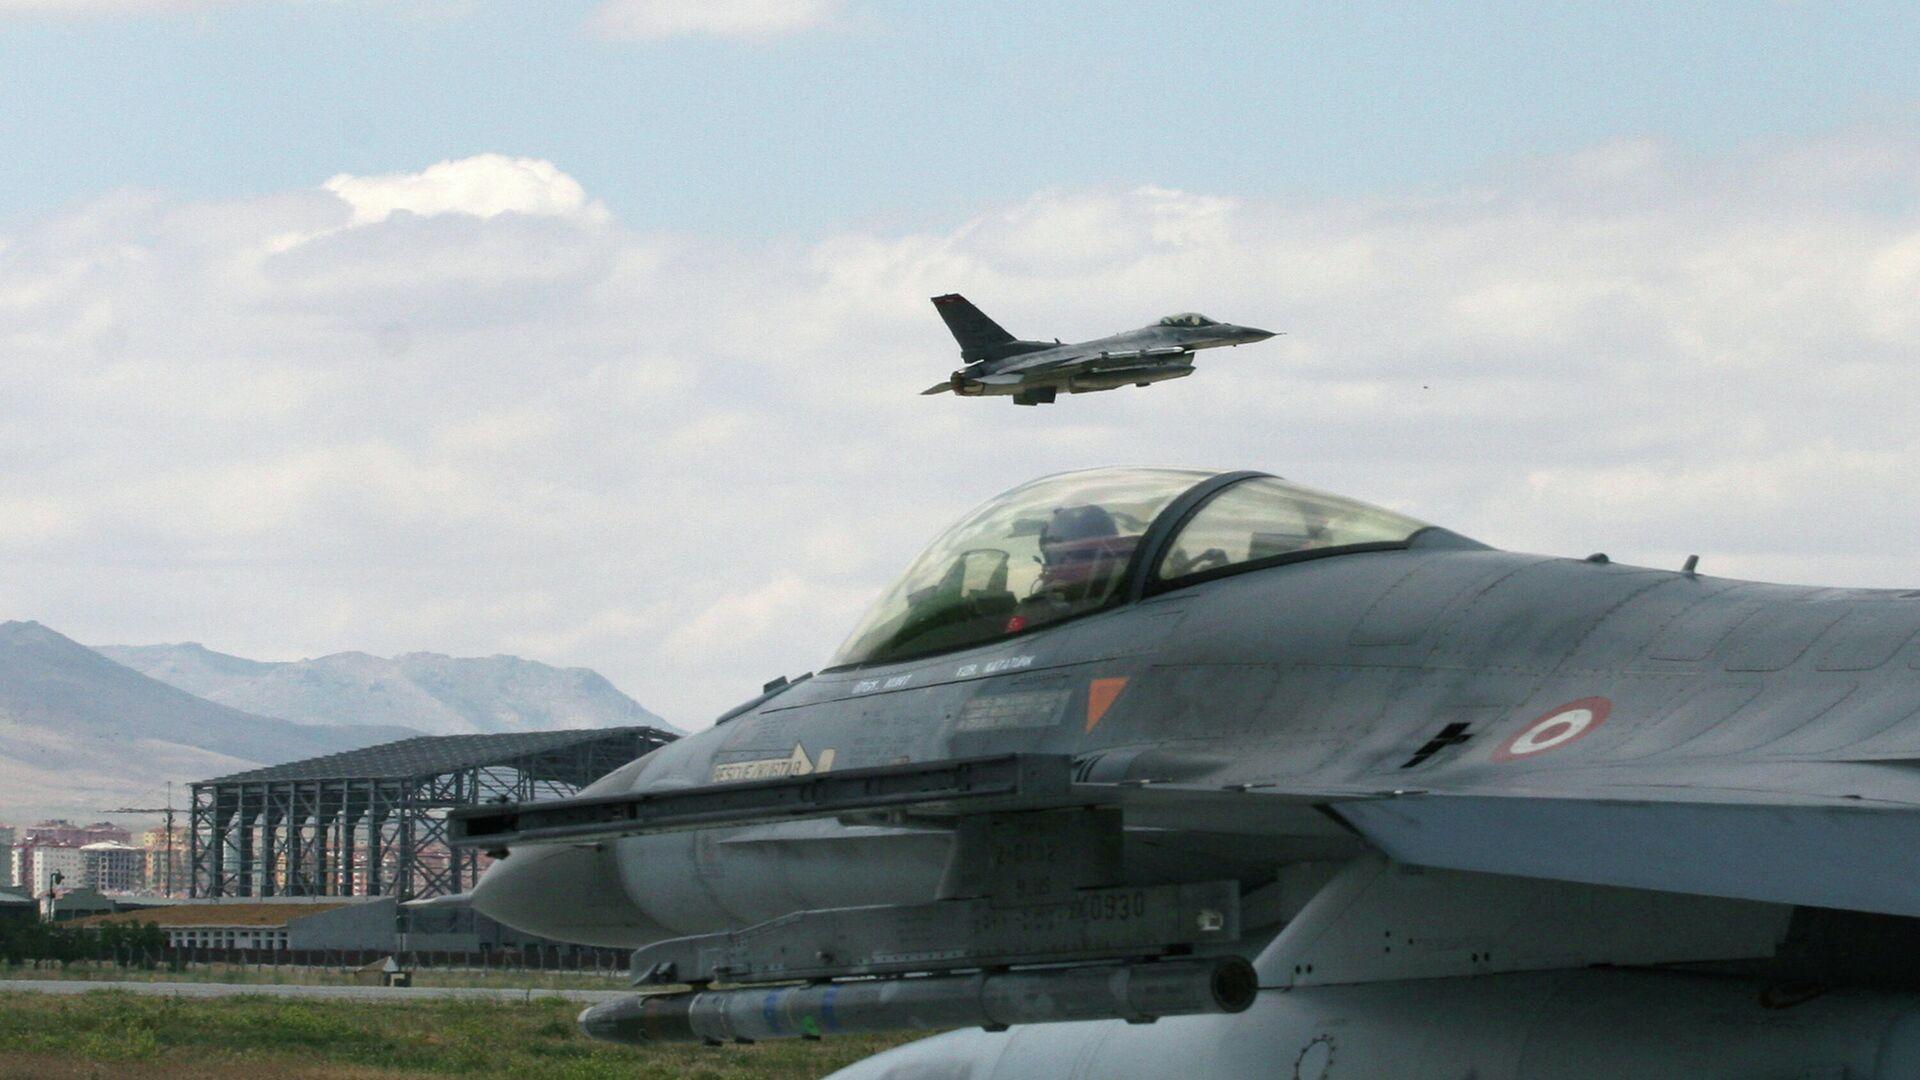 Турецкий истребитель F-16  - РИА Новости, 1920, 08.01.2021